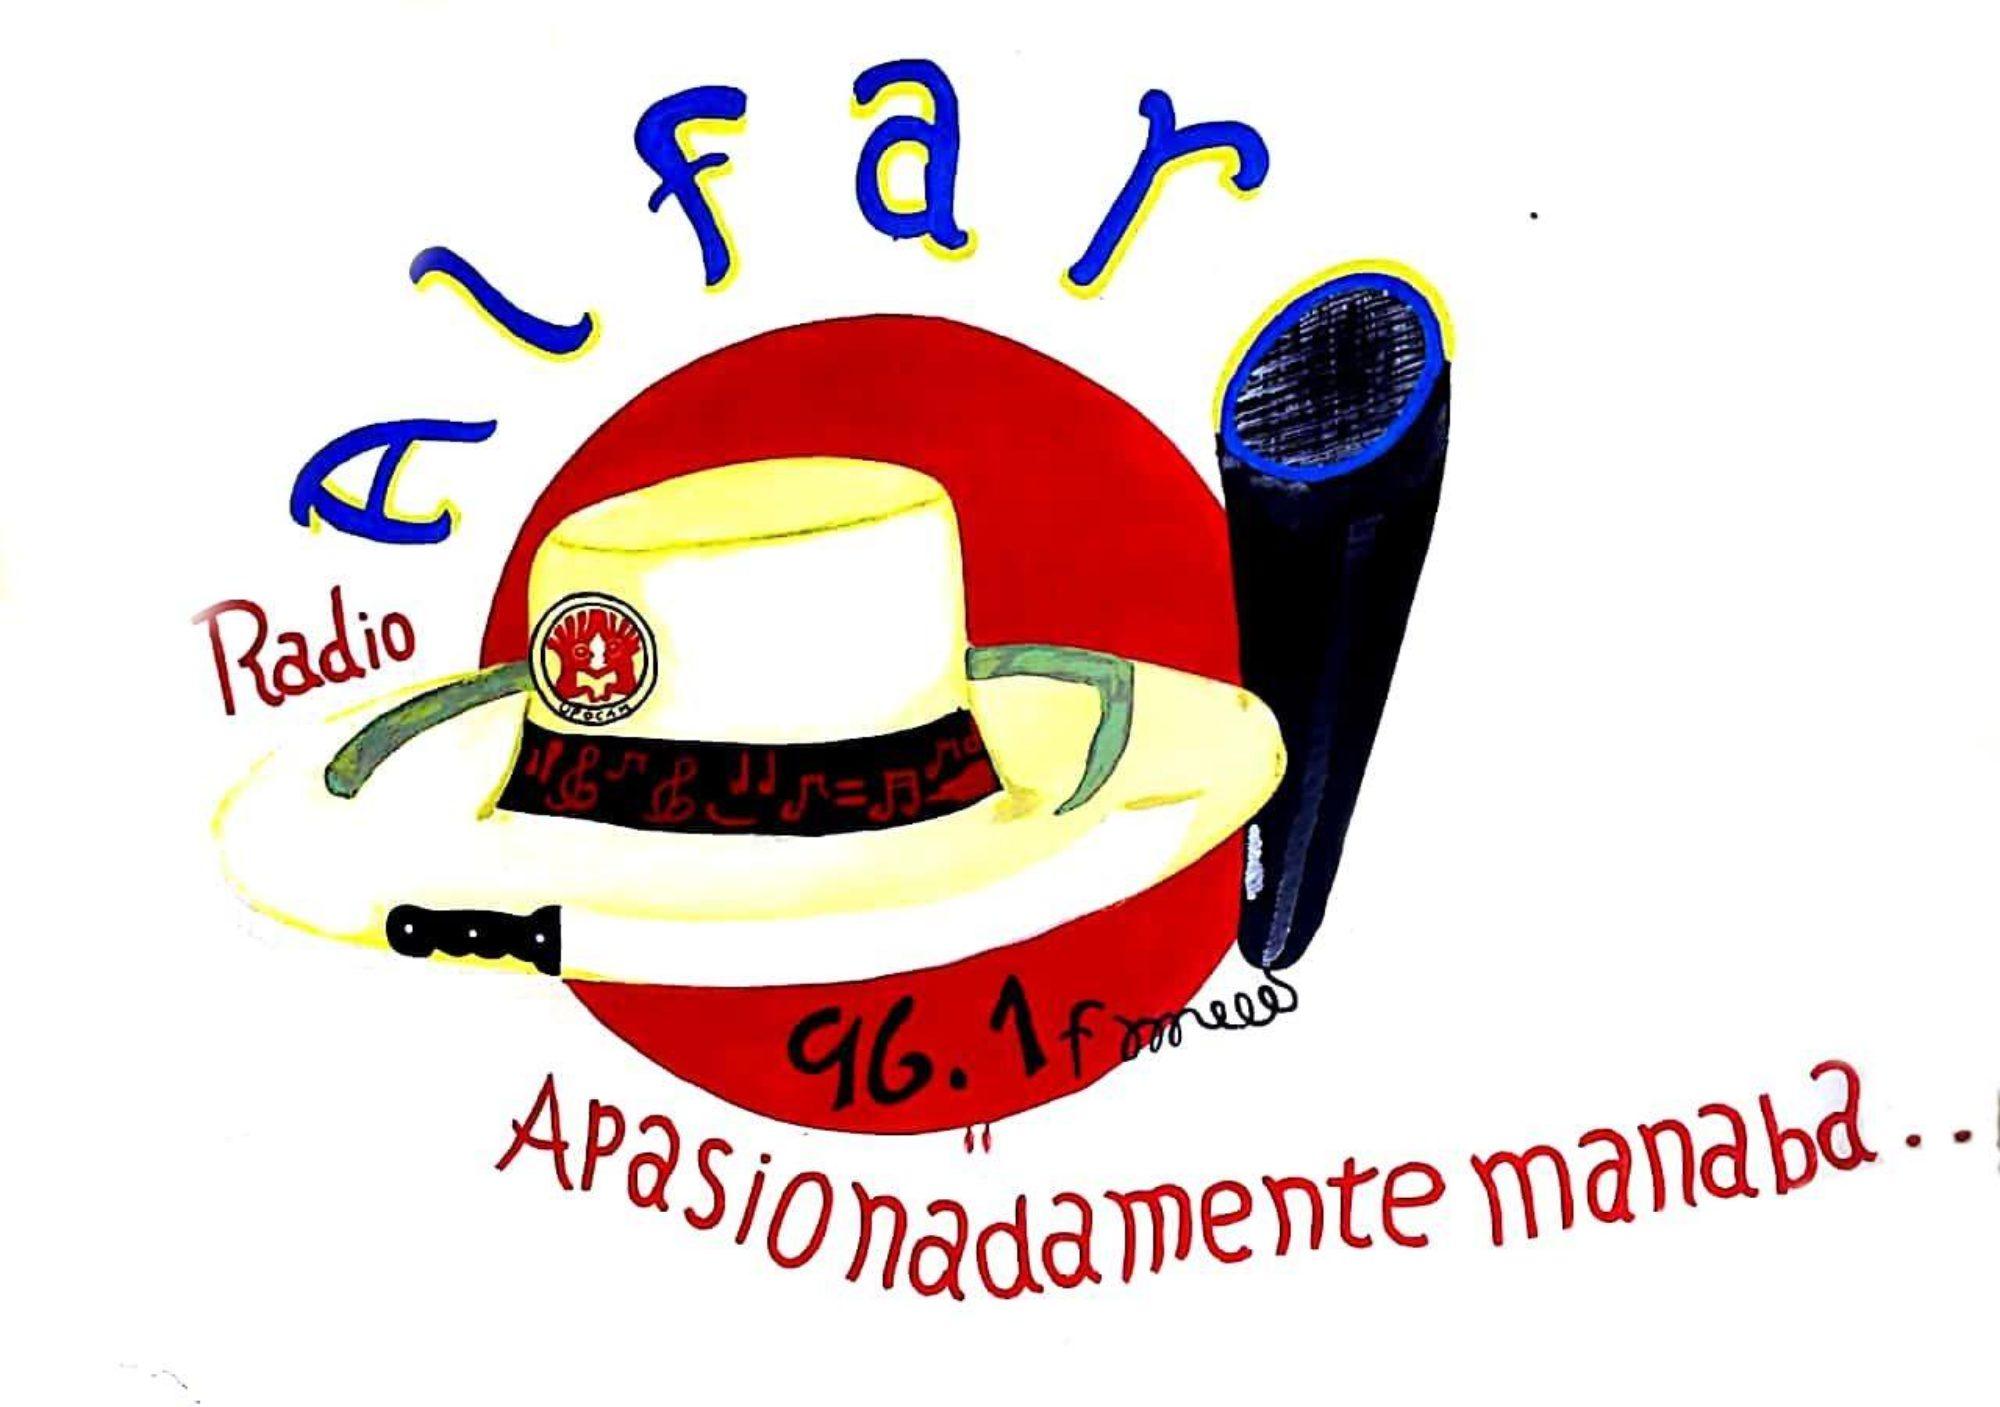 La Radio Alfaro 96.1 FM